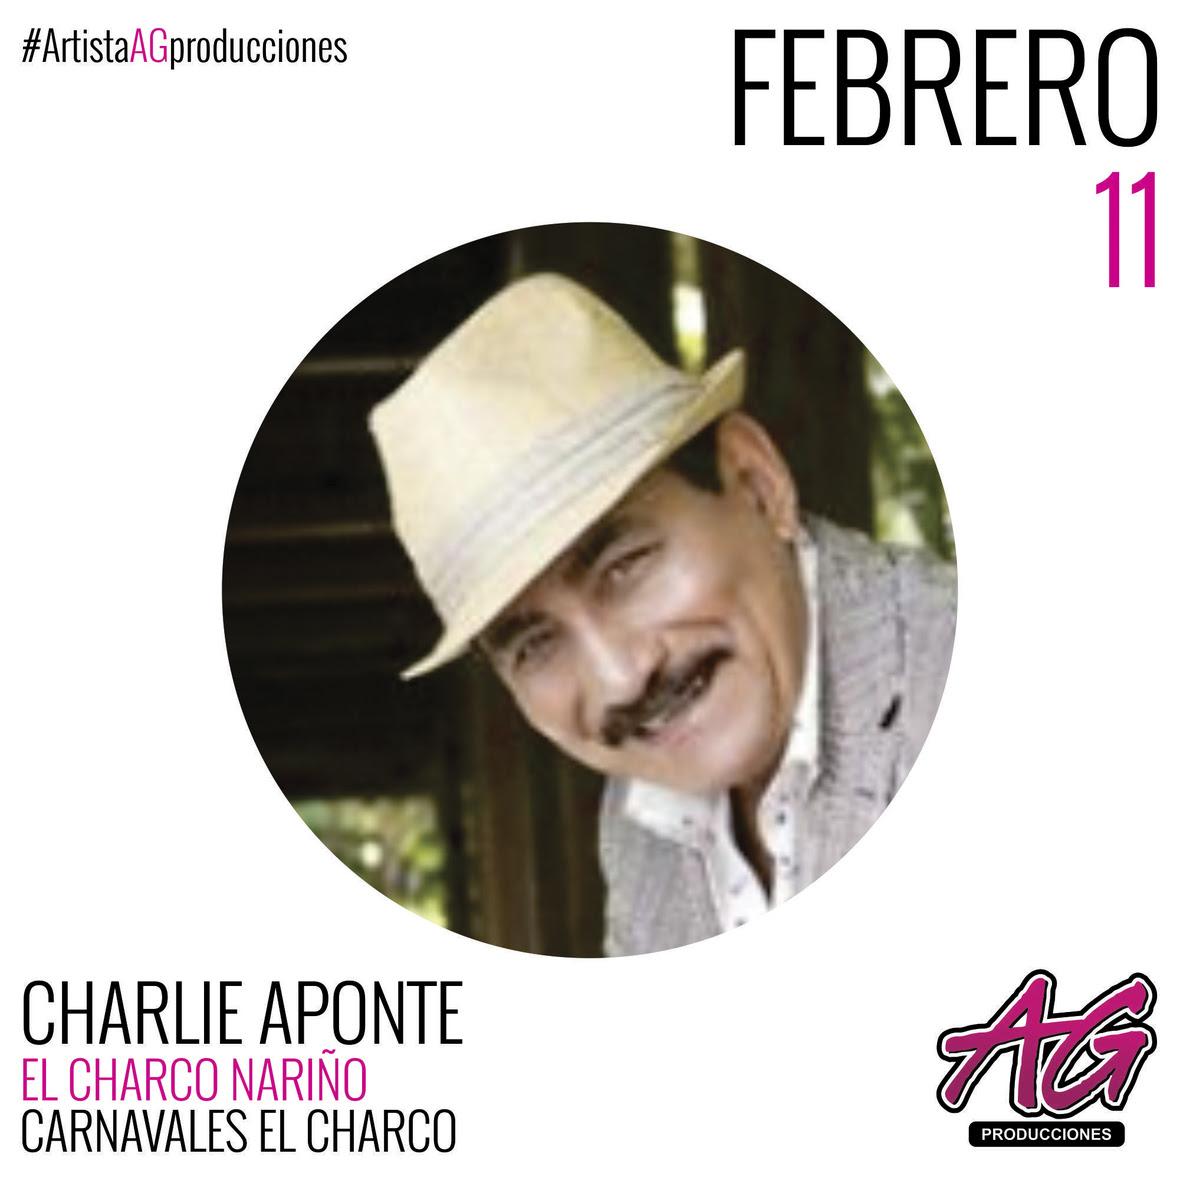 10 AG PRODUCCIONES - CHARLIE APONTE FEBRERO 11